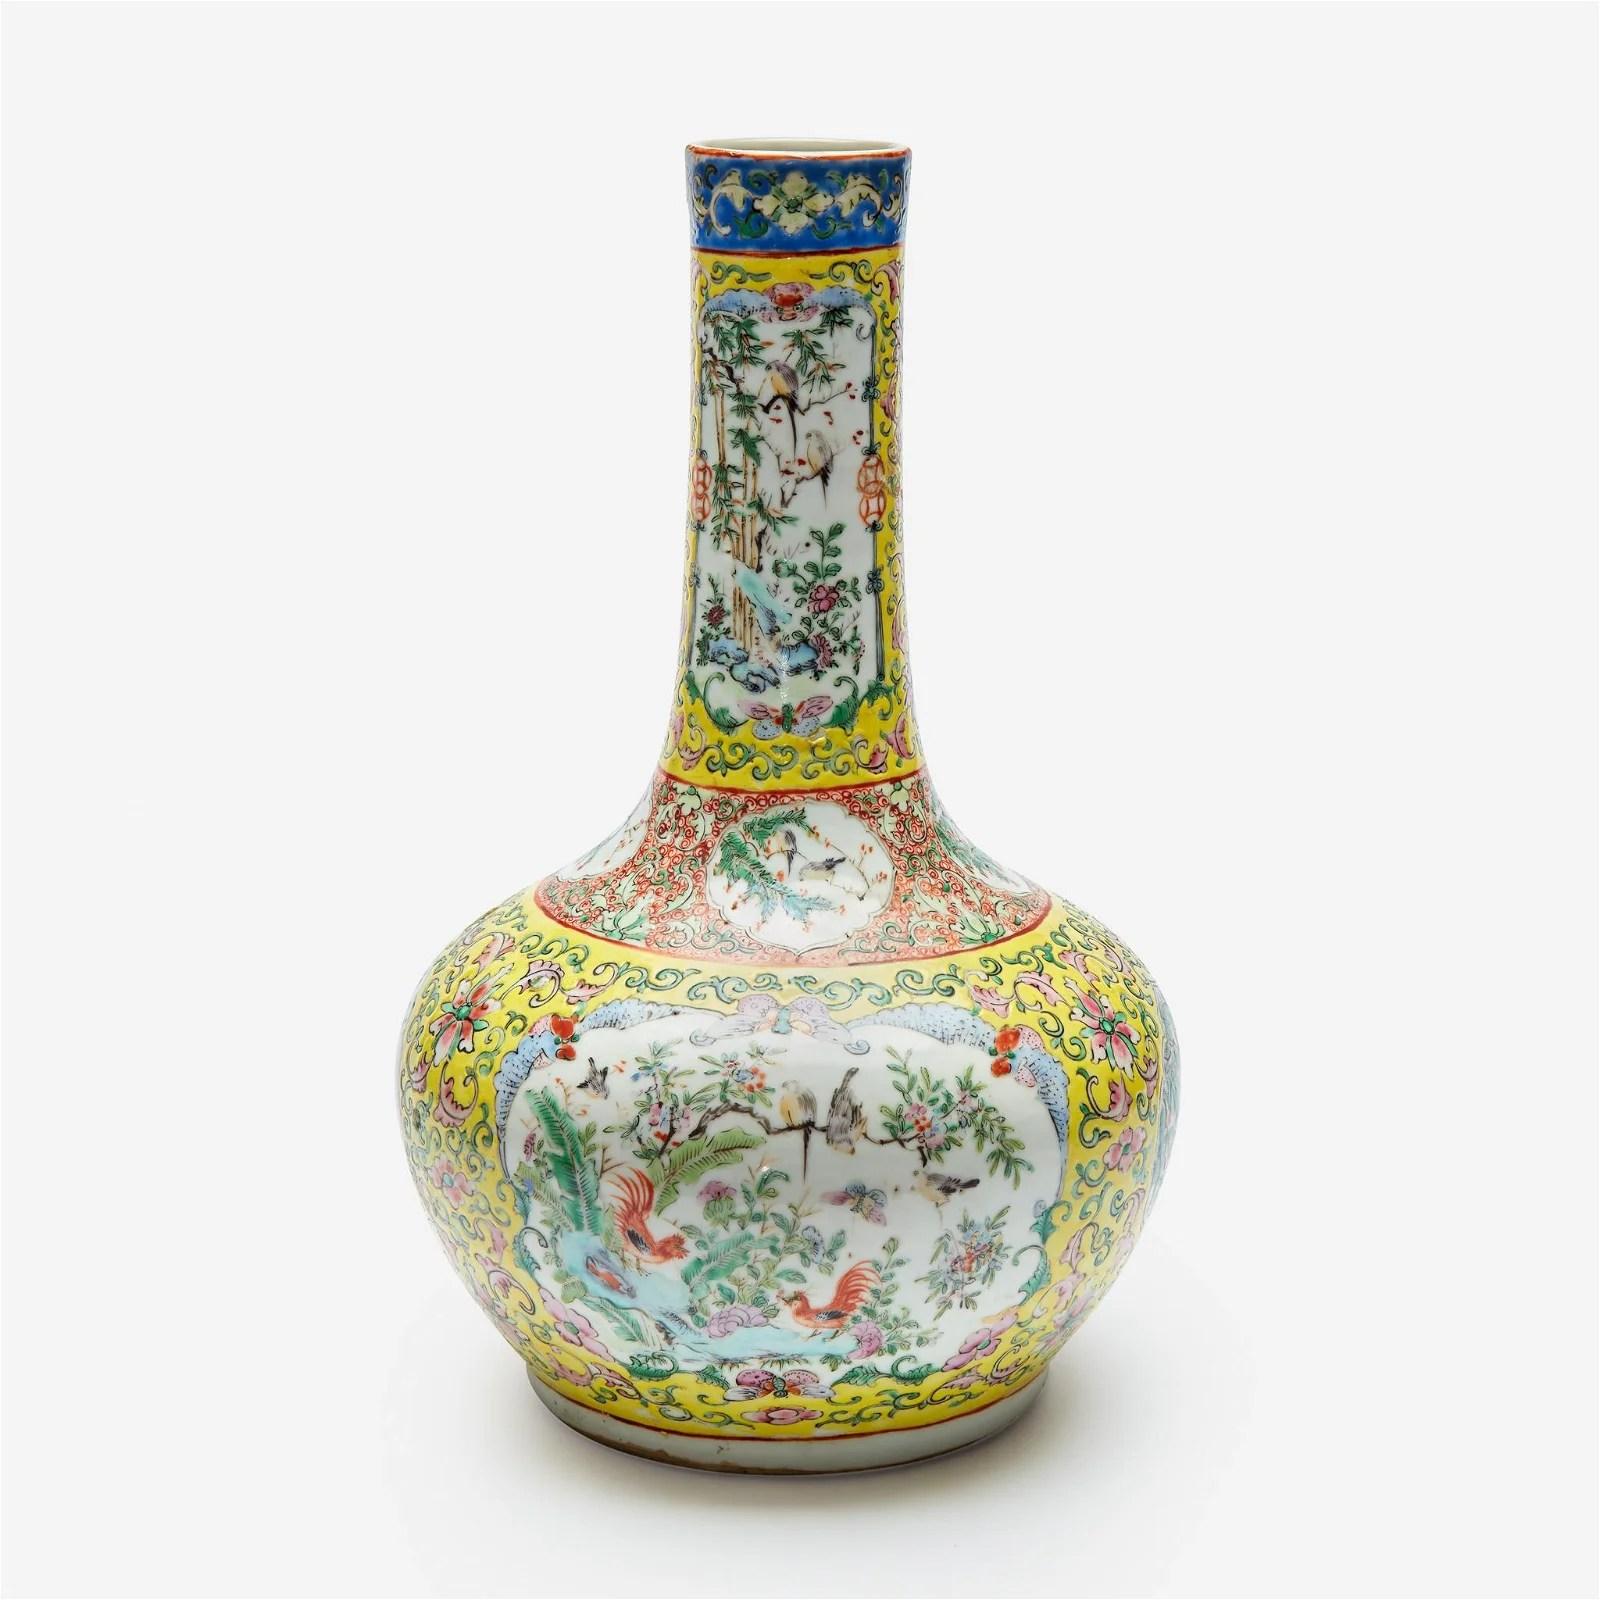 A Chinese enameled porcelain yellow-ground bottle vase,